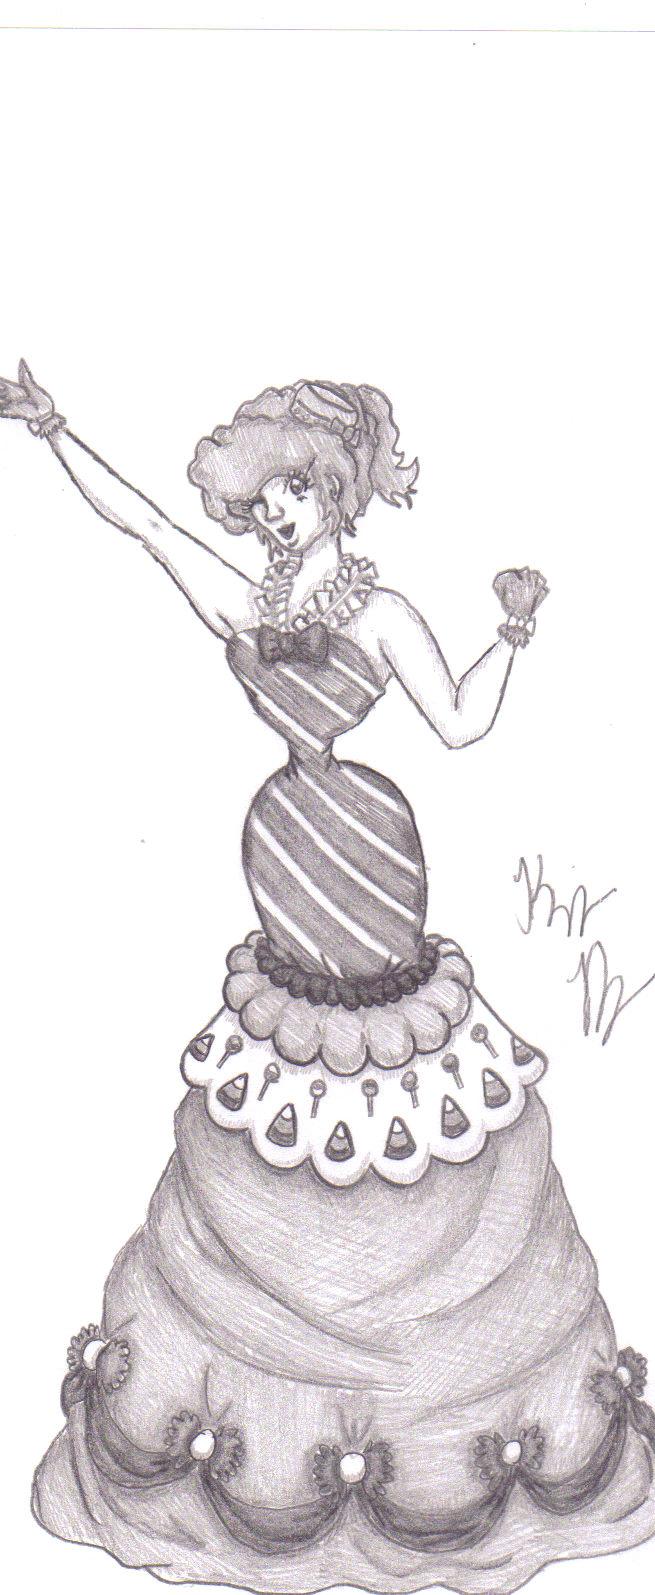 Gala: Pinkie Pie by Lieonie